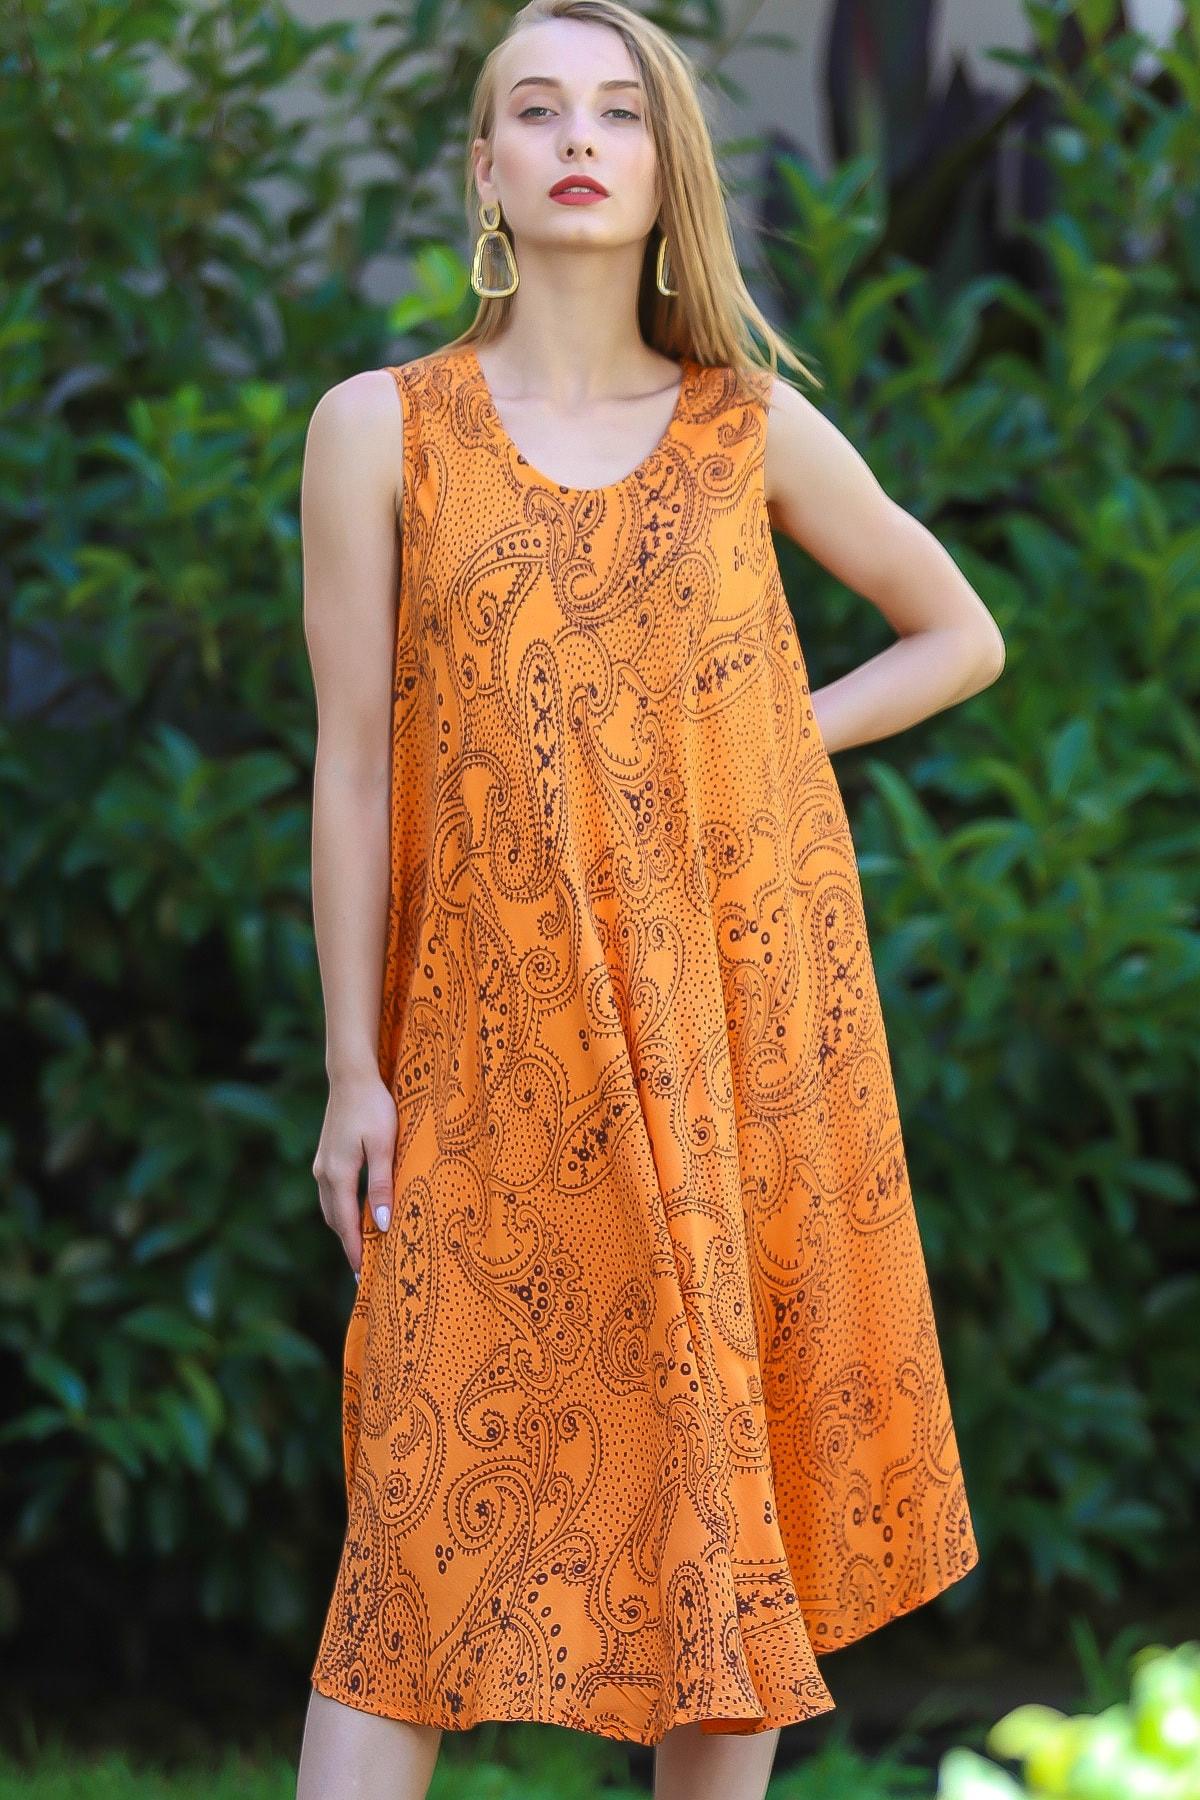 Chiccy Kadın Turuncu Bohem Şal Desen Baskılı Salaş Elbise M10160000EL96407 0